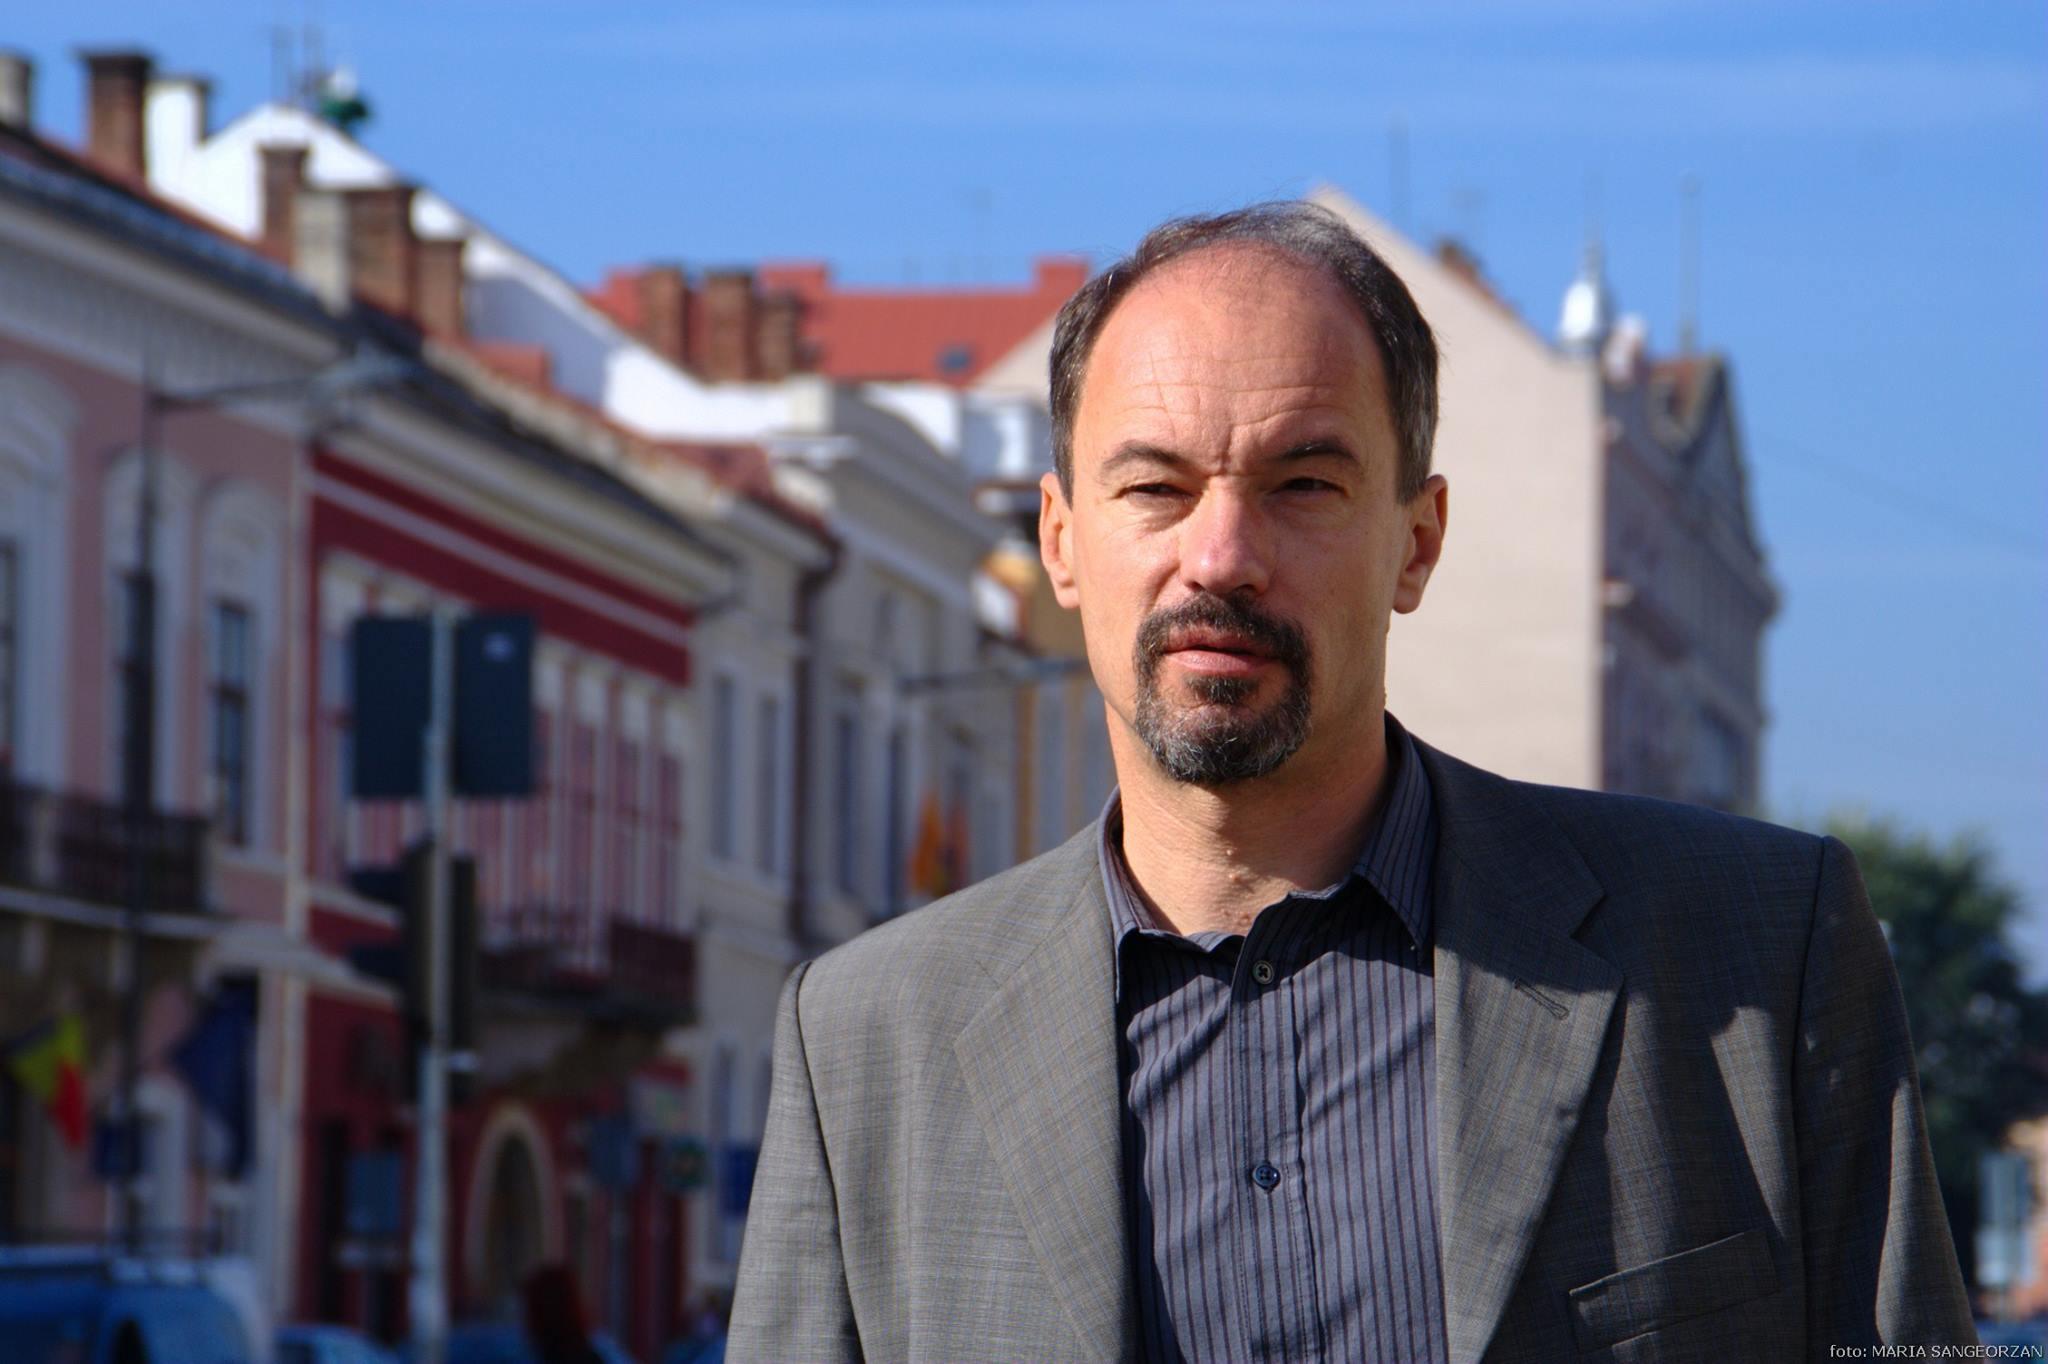 Serban Tiganas presedintele Ordinului Arhitectilor din Romania - Interviu cu Serban Tiganas presedintele Ordinului Arhitectilor din